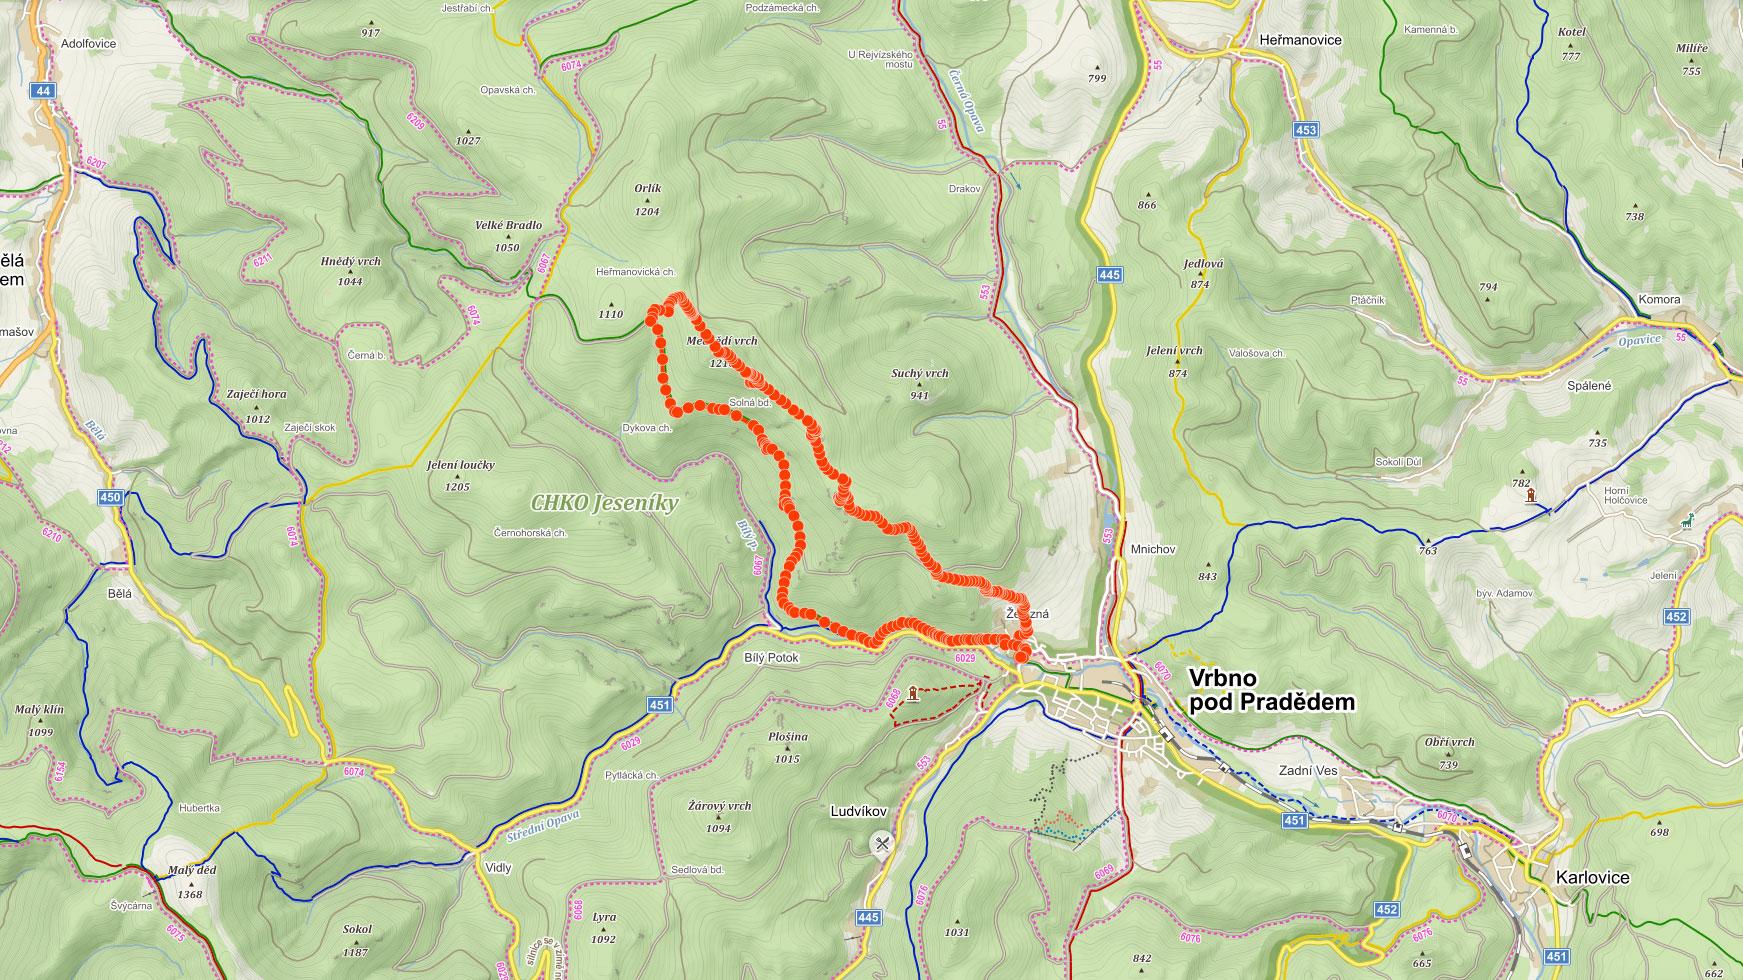 Mapa výletu na Pytlák a Medvědí vrch v Hrubém Jeseníku